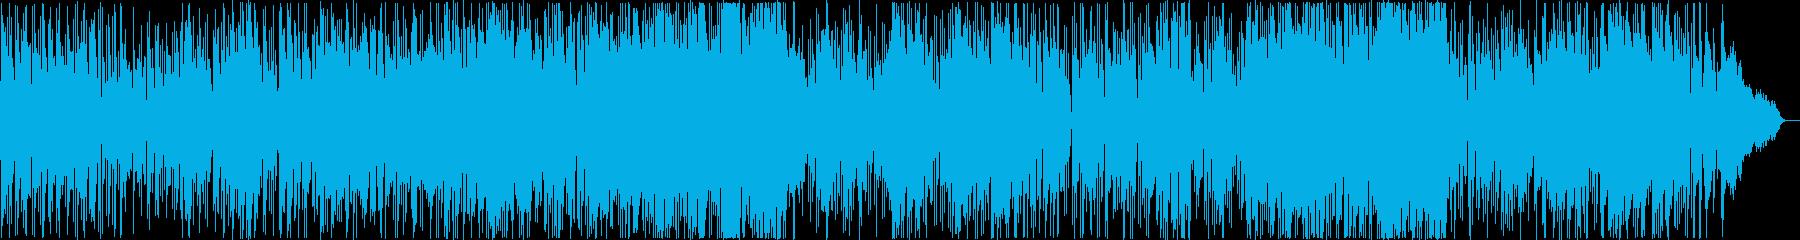 爽やかなフルートとストリングスのボサノバの再生済みの波形